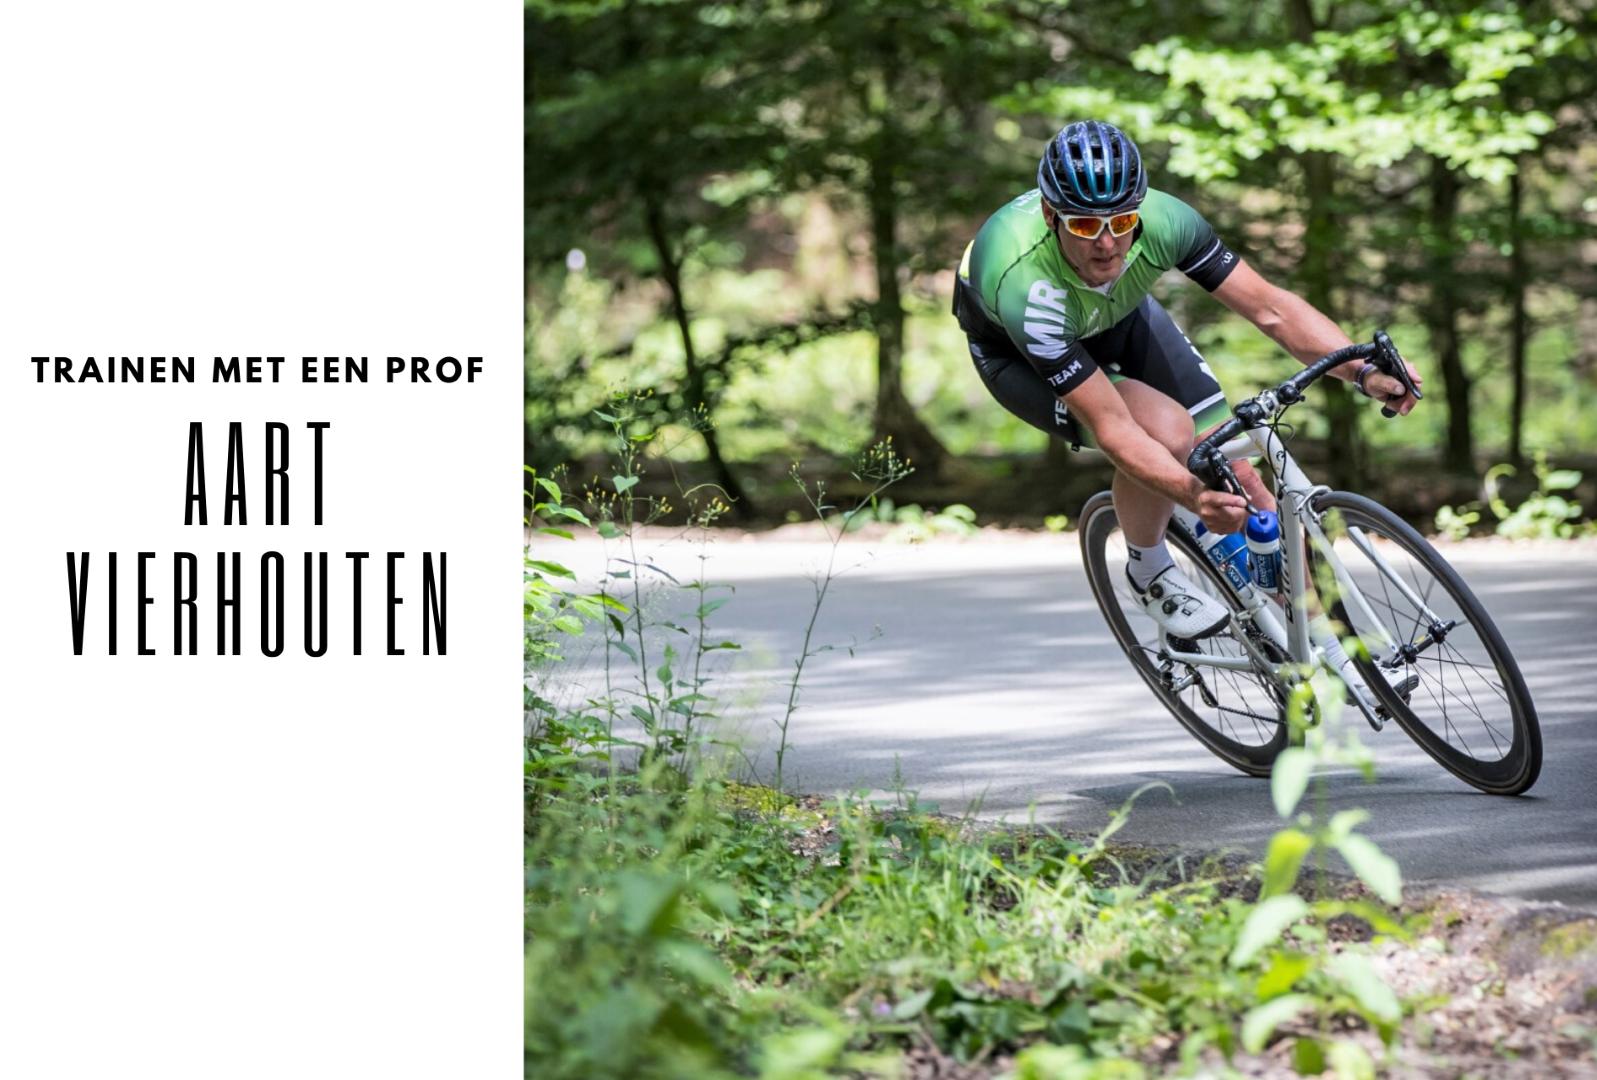 Trainen met een prof Aart Vierhouten